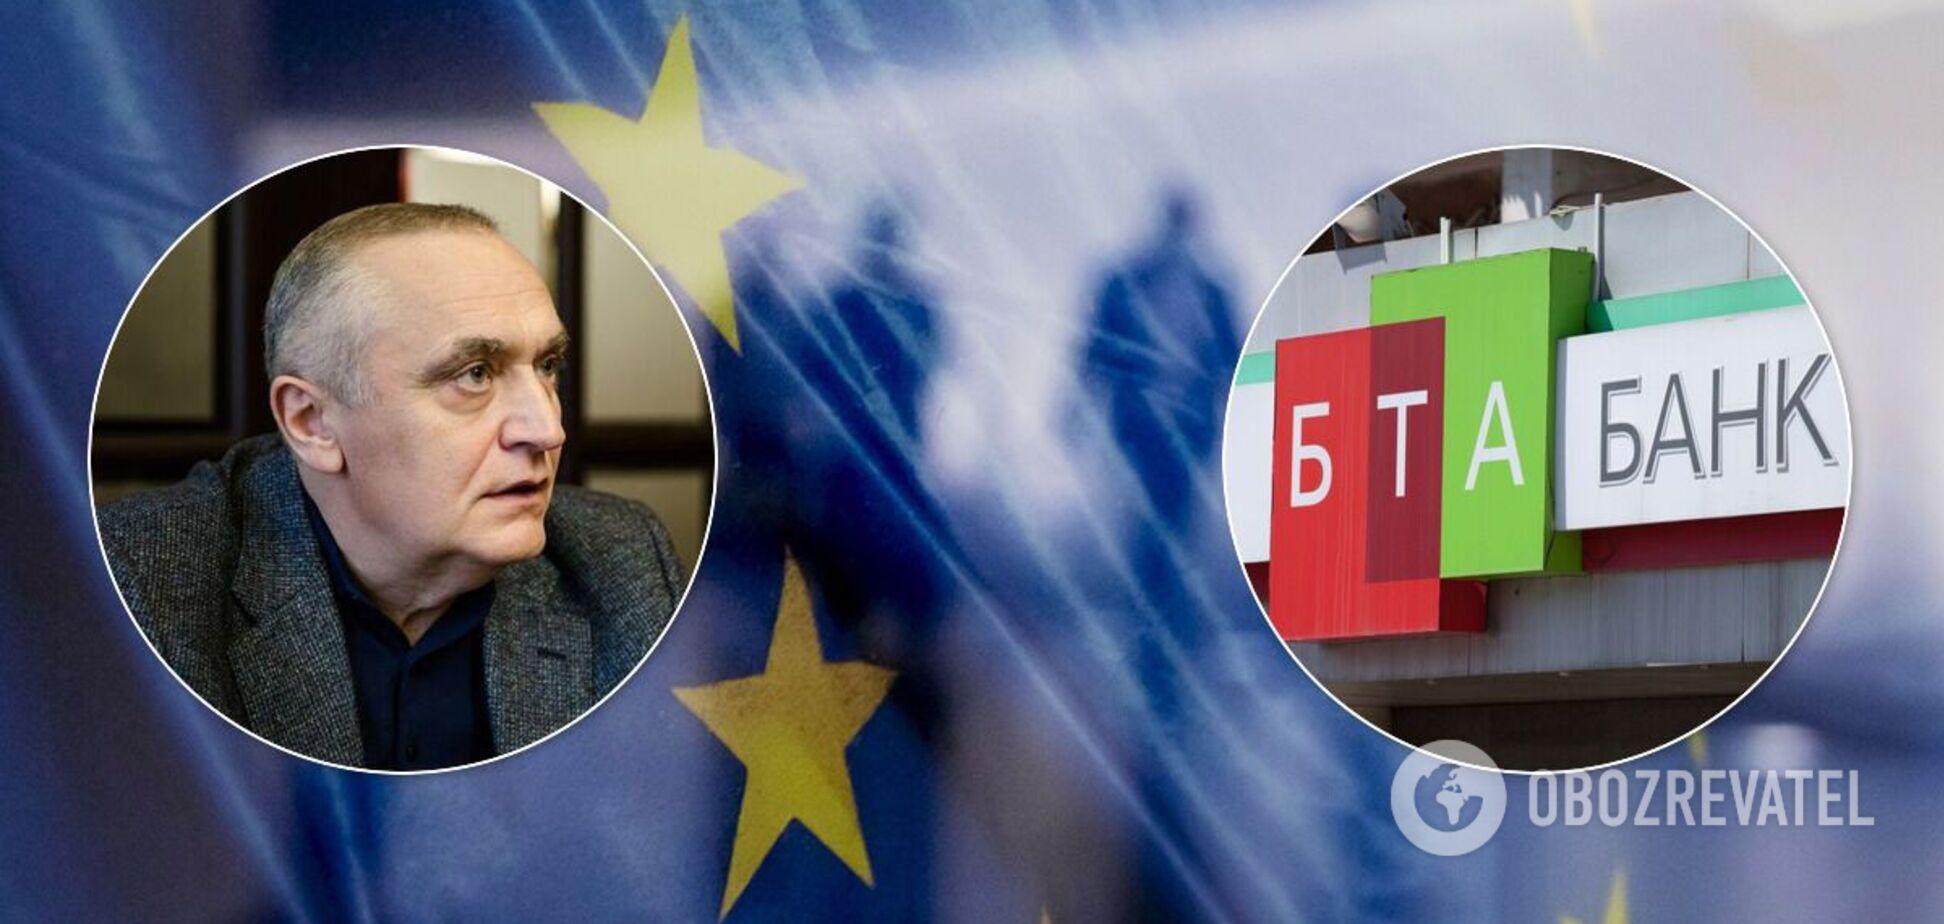 У санкційному списку ЄС щодо Білорусі опинився покупець українського БТА банку